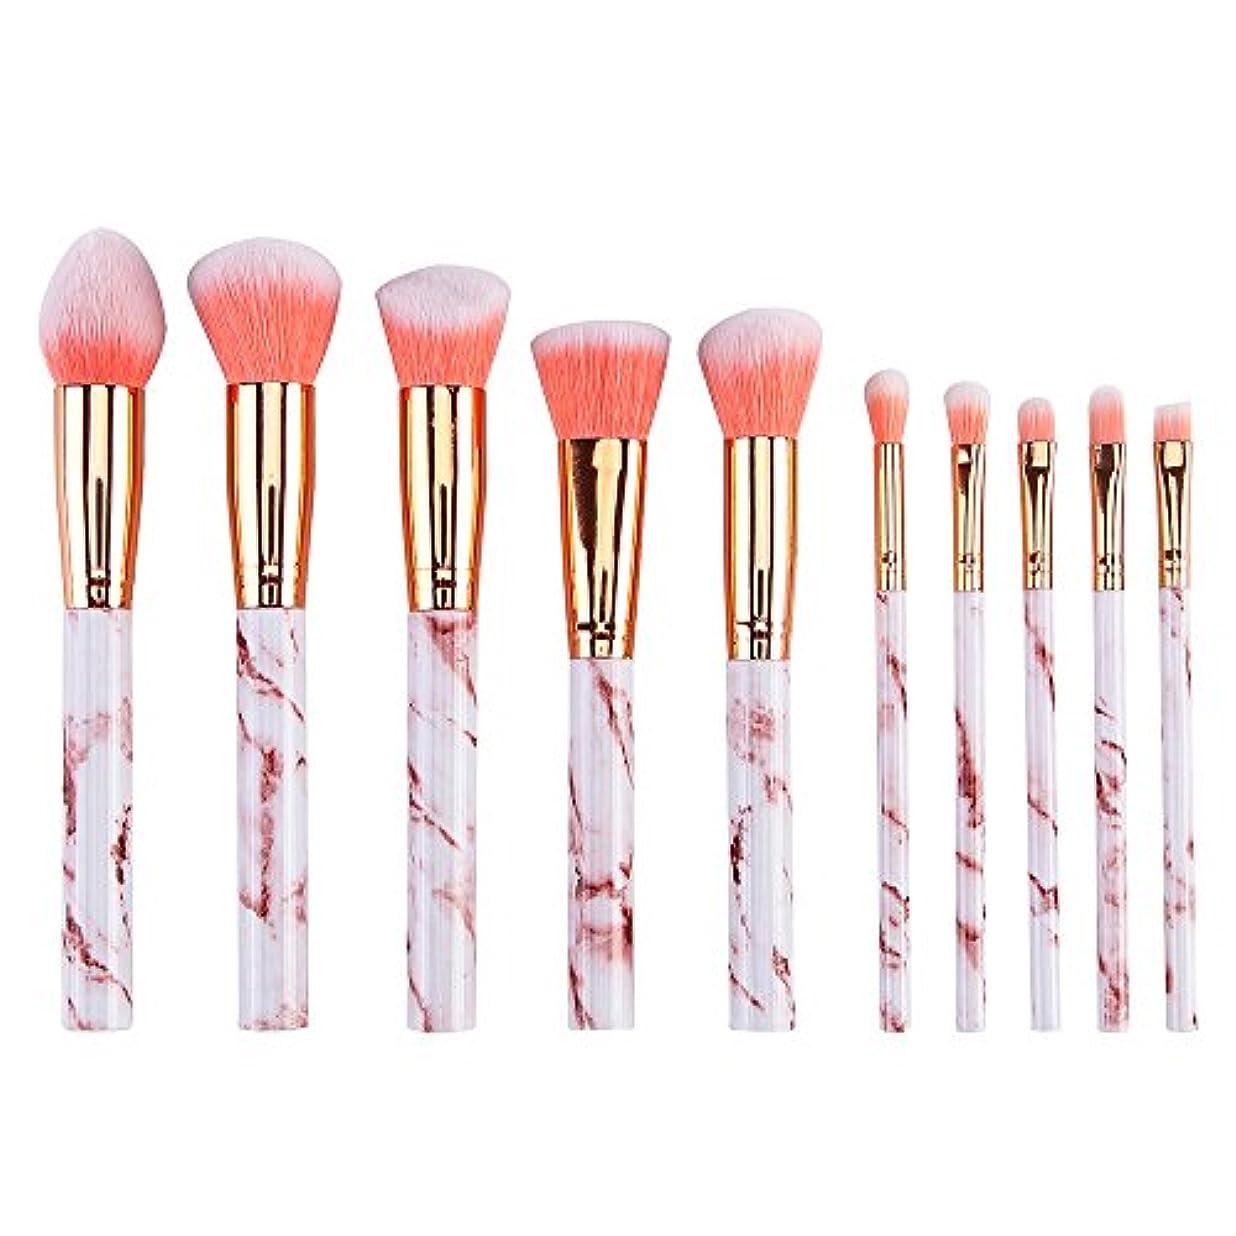 タウポ湖規範概要Akane 10本 大理石紋 気質的 高級 おしゃれ 魅力的 赤毛 人気 美感 綺麗 柔らかい たっぷり 上等 多機能 激安 日常 仕事 Makeup Brush メイクアップブラシ